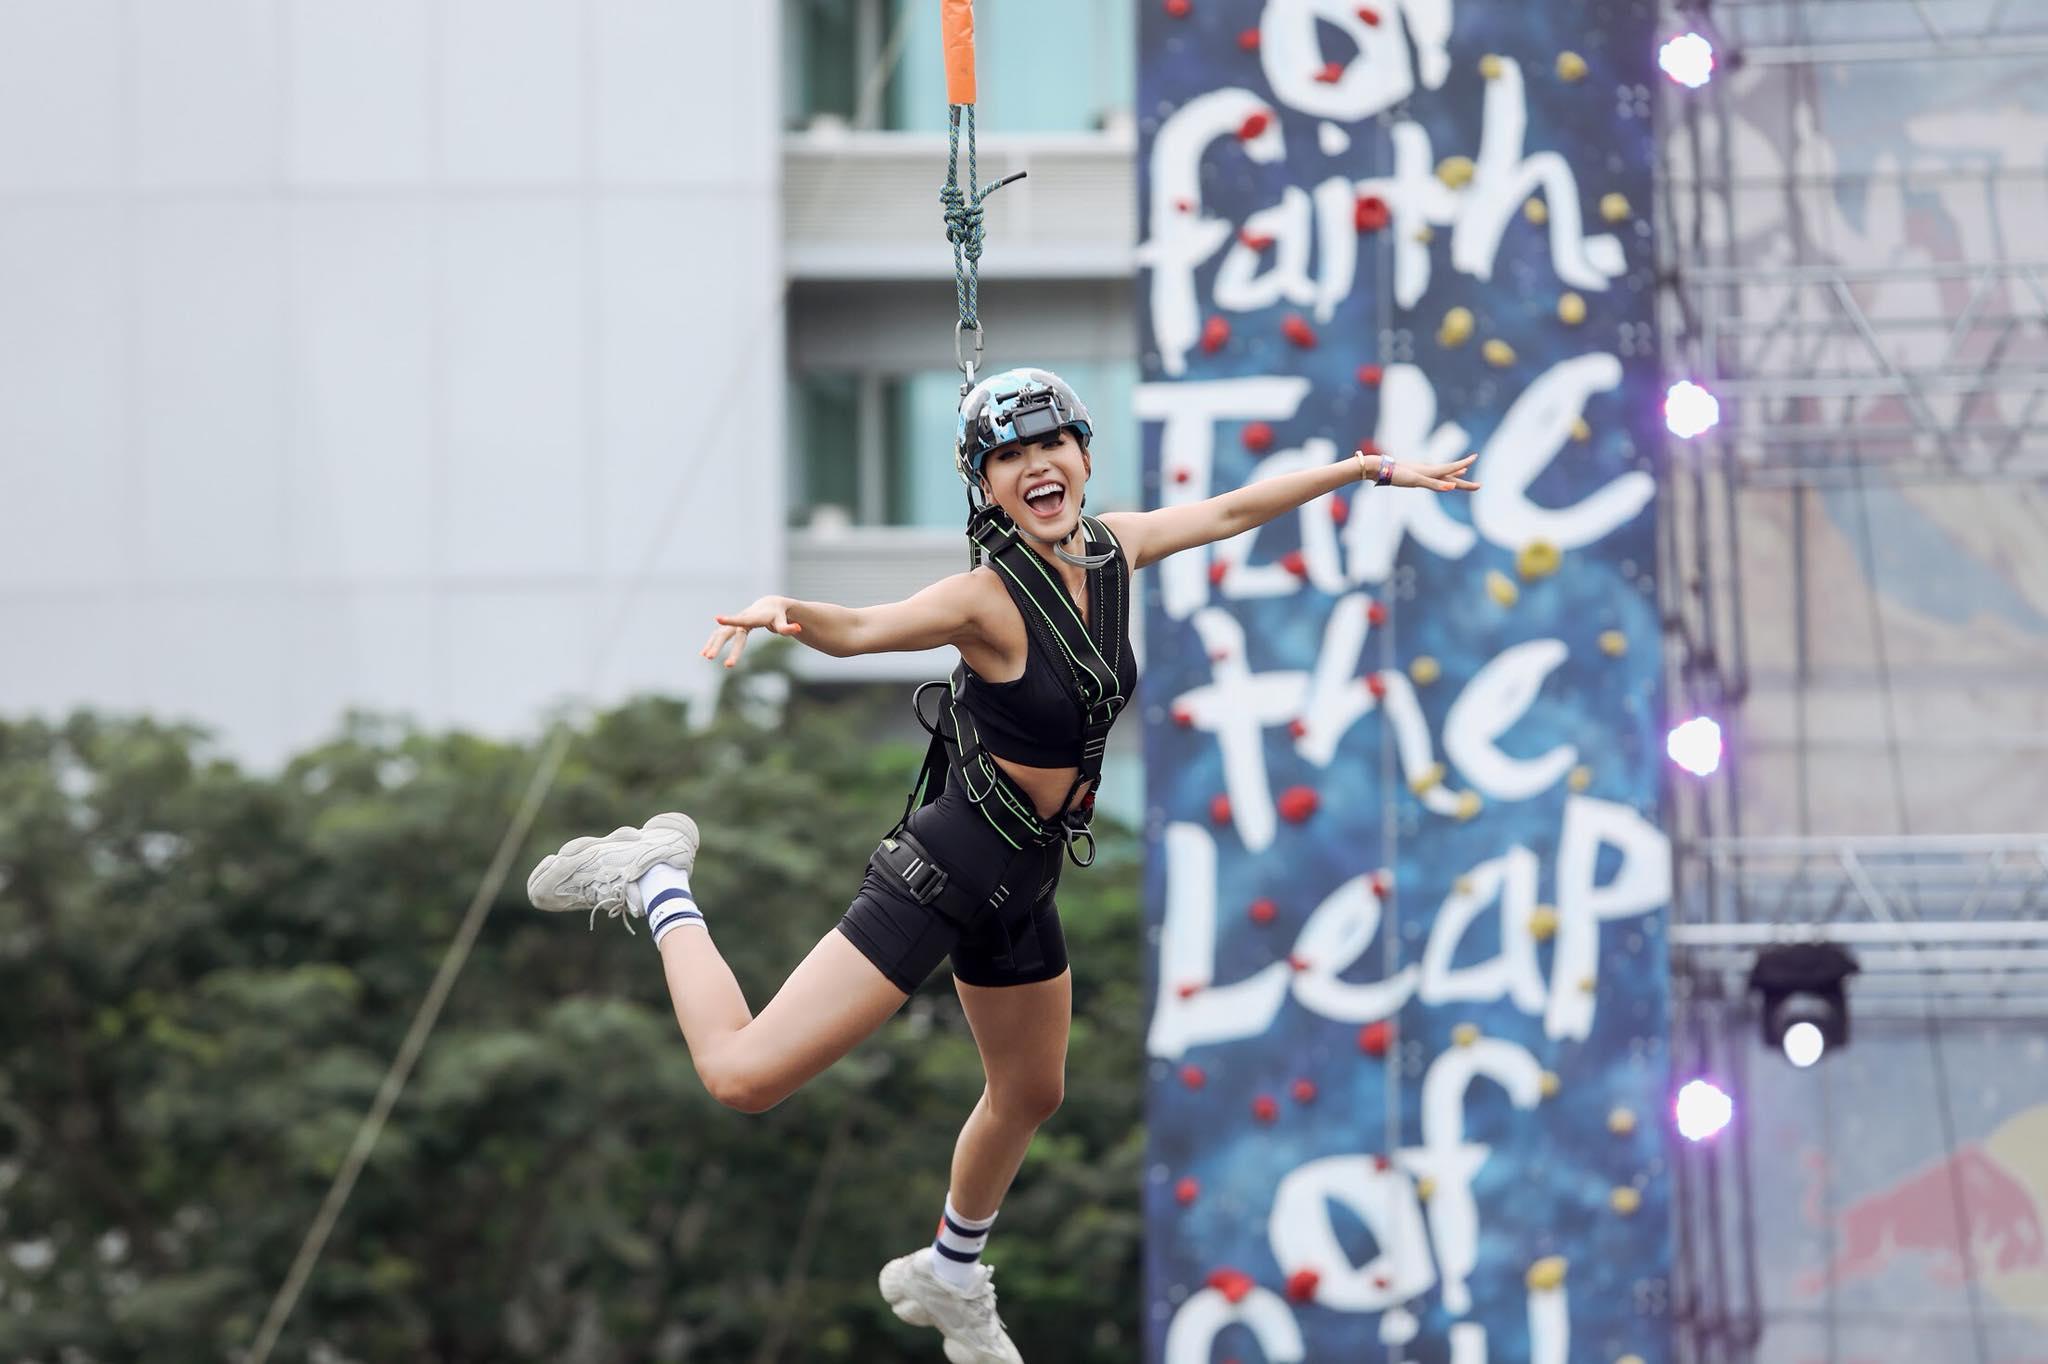 Sao Việt và giới trẻ Sài thành rủ nhau thách thức với zipline mạo hiểm - Ảnh 8.